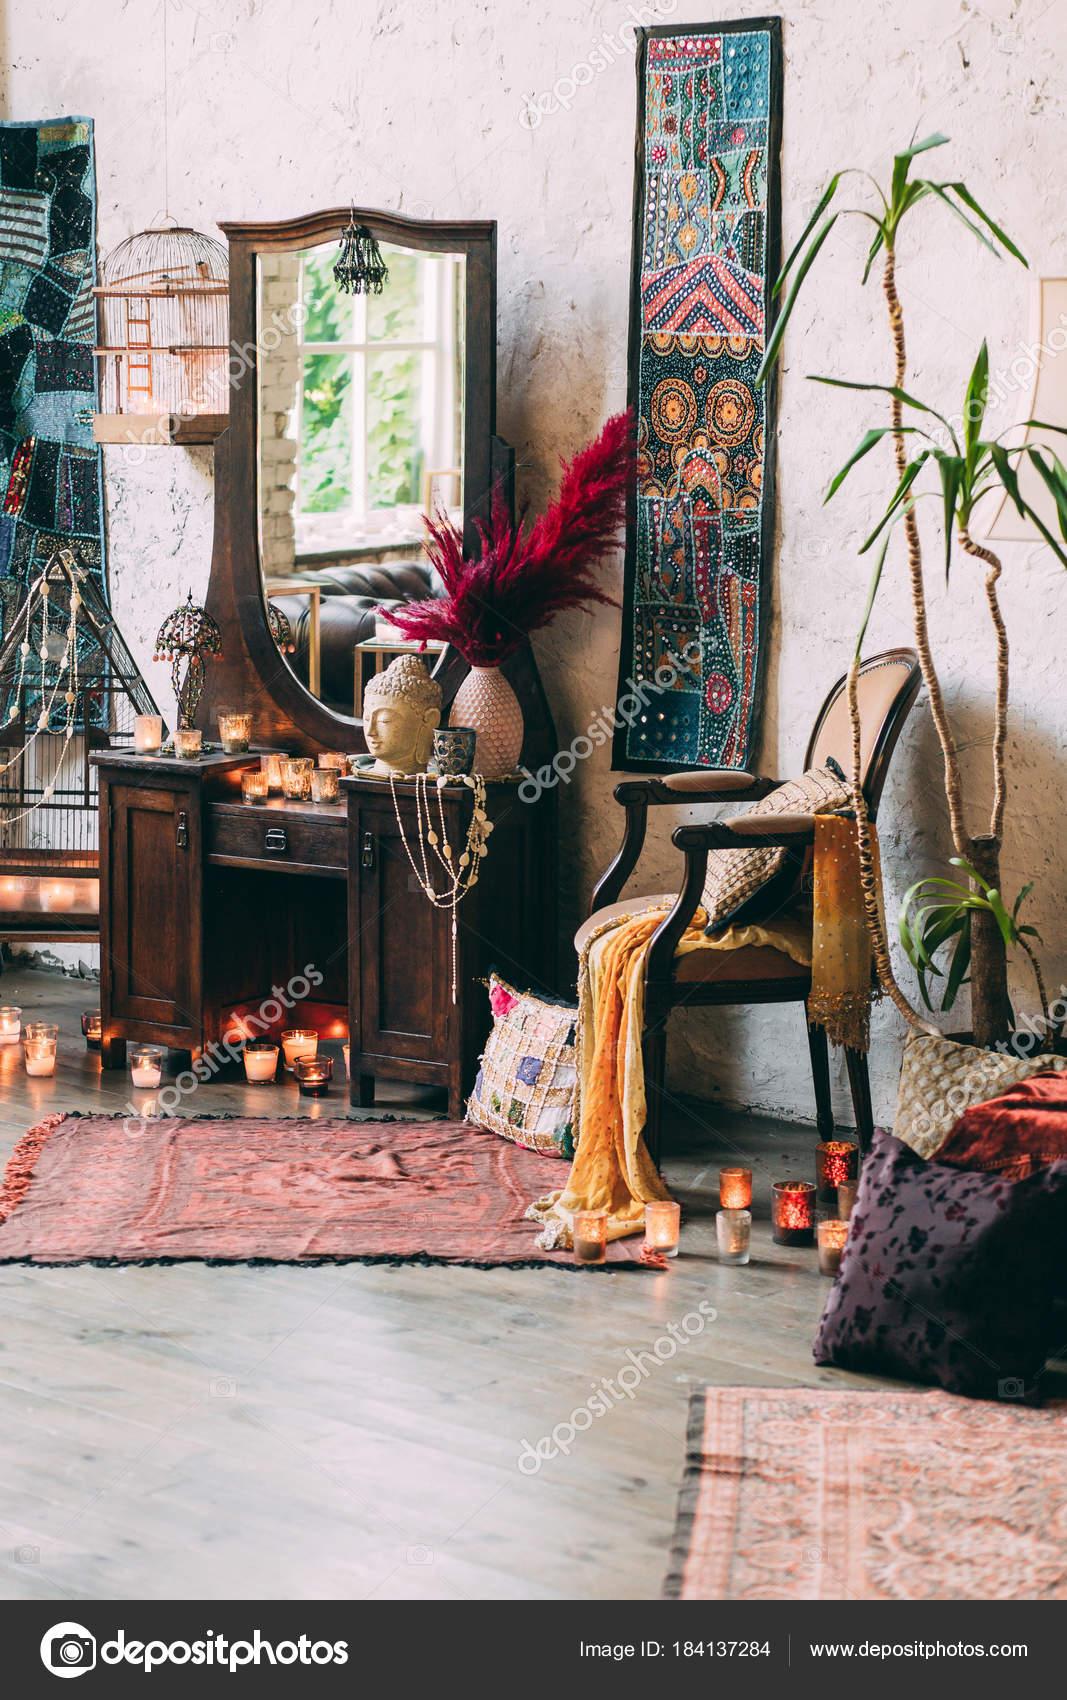 Oude Kaptafel Te Koop.Een Oude Kaptafel Kaarsen Bijouterie Stockfoto C Dimadasha 184137284